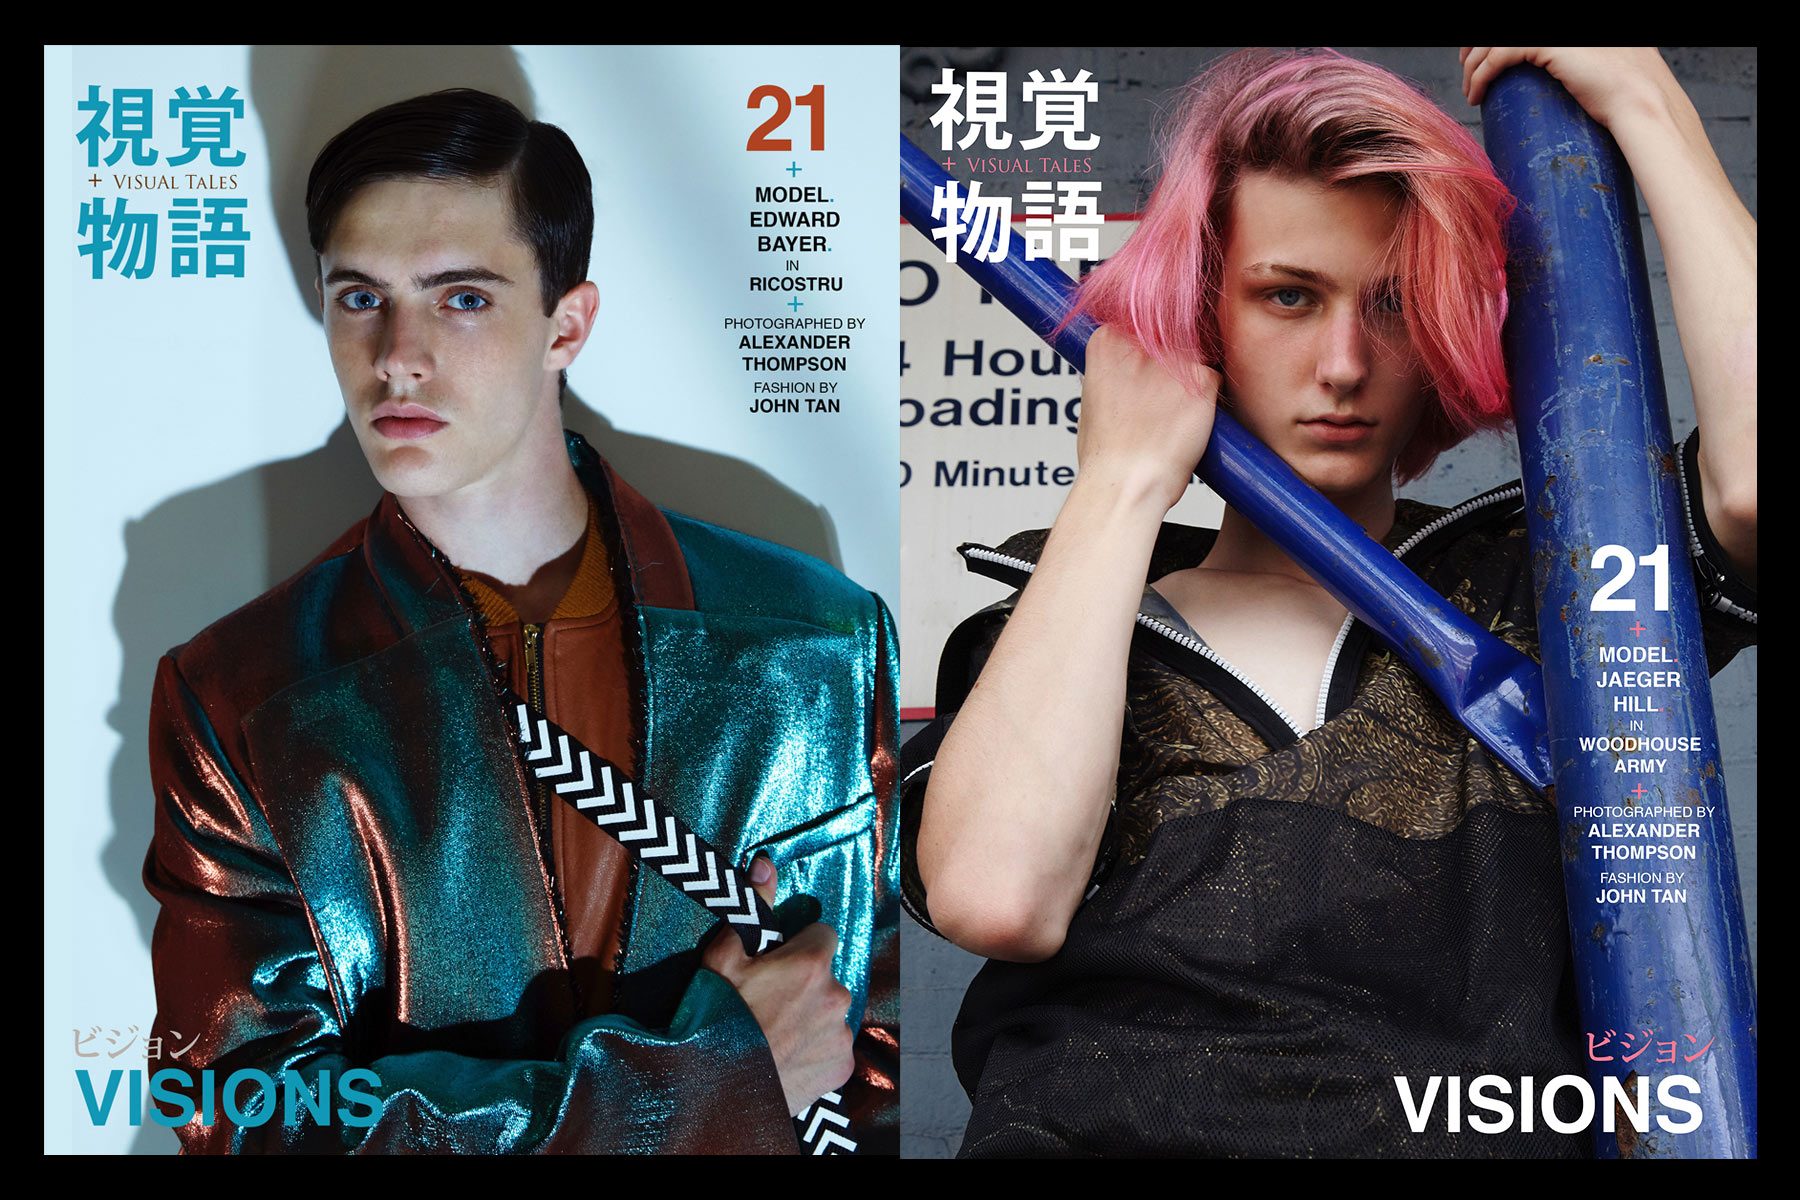 VisualTales-21-COVERS.jpg